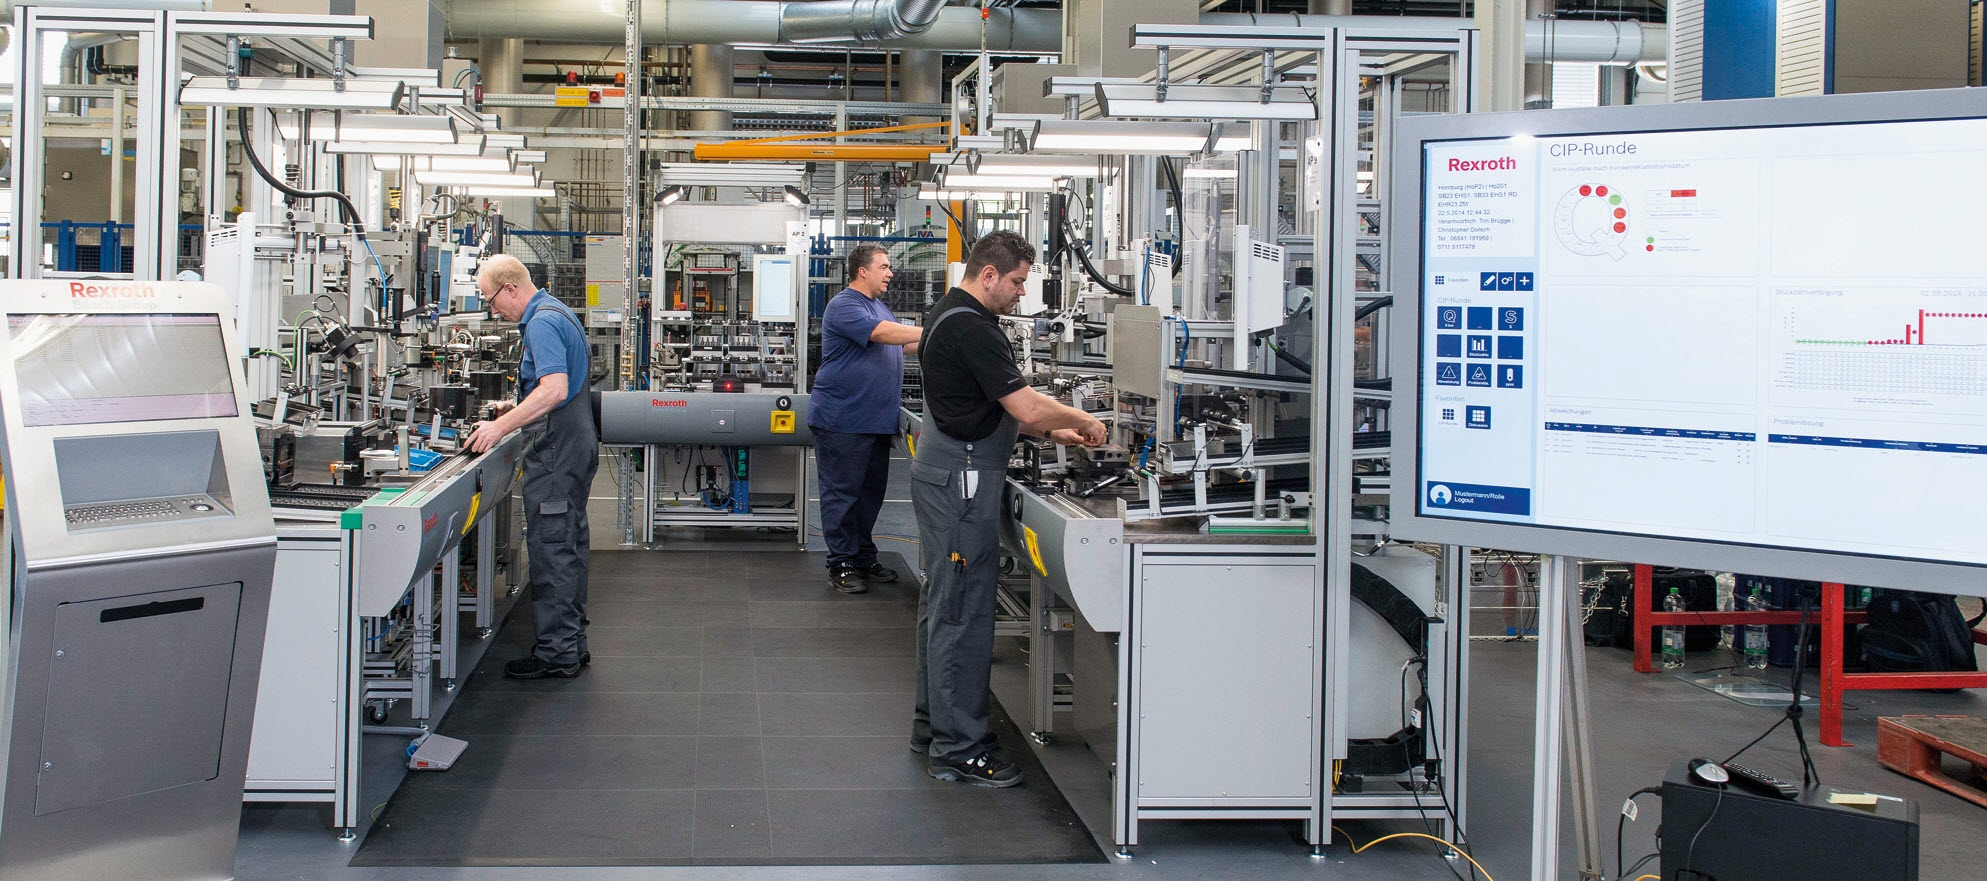 Pierwsza linia produkcyjna zgodna z koncepcją Przemysłu 4.0